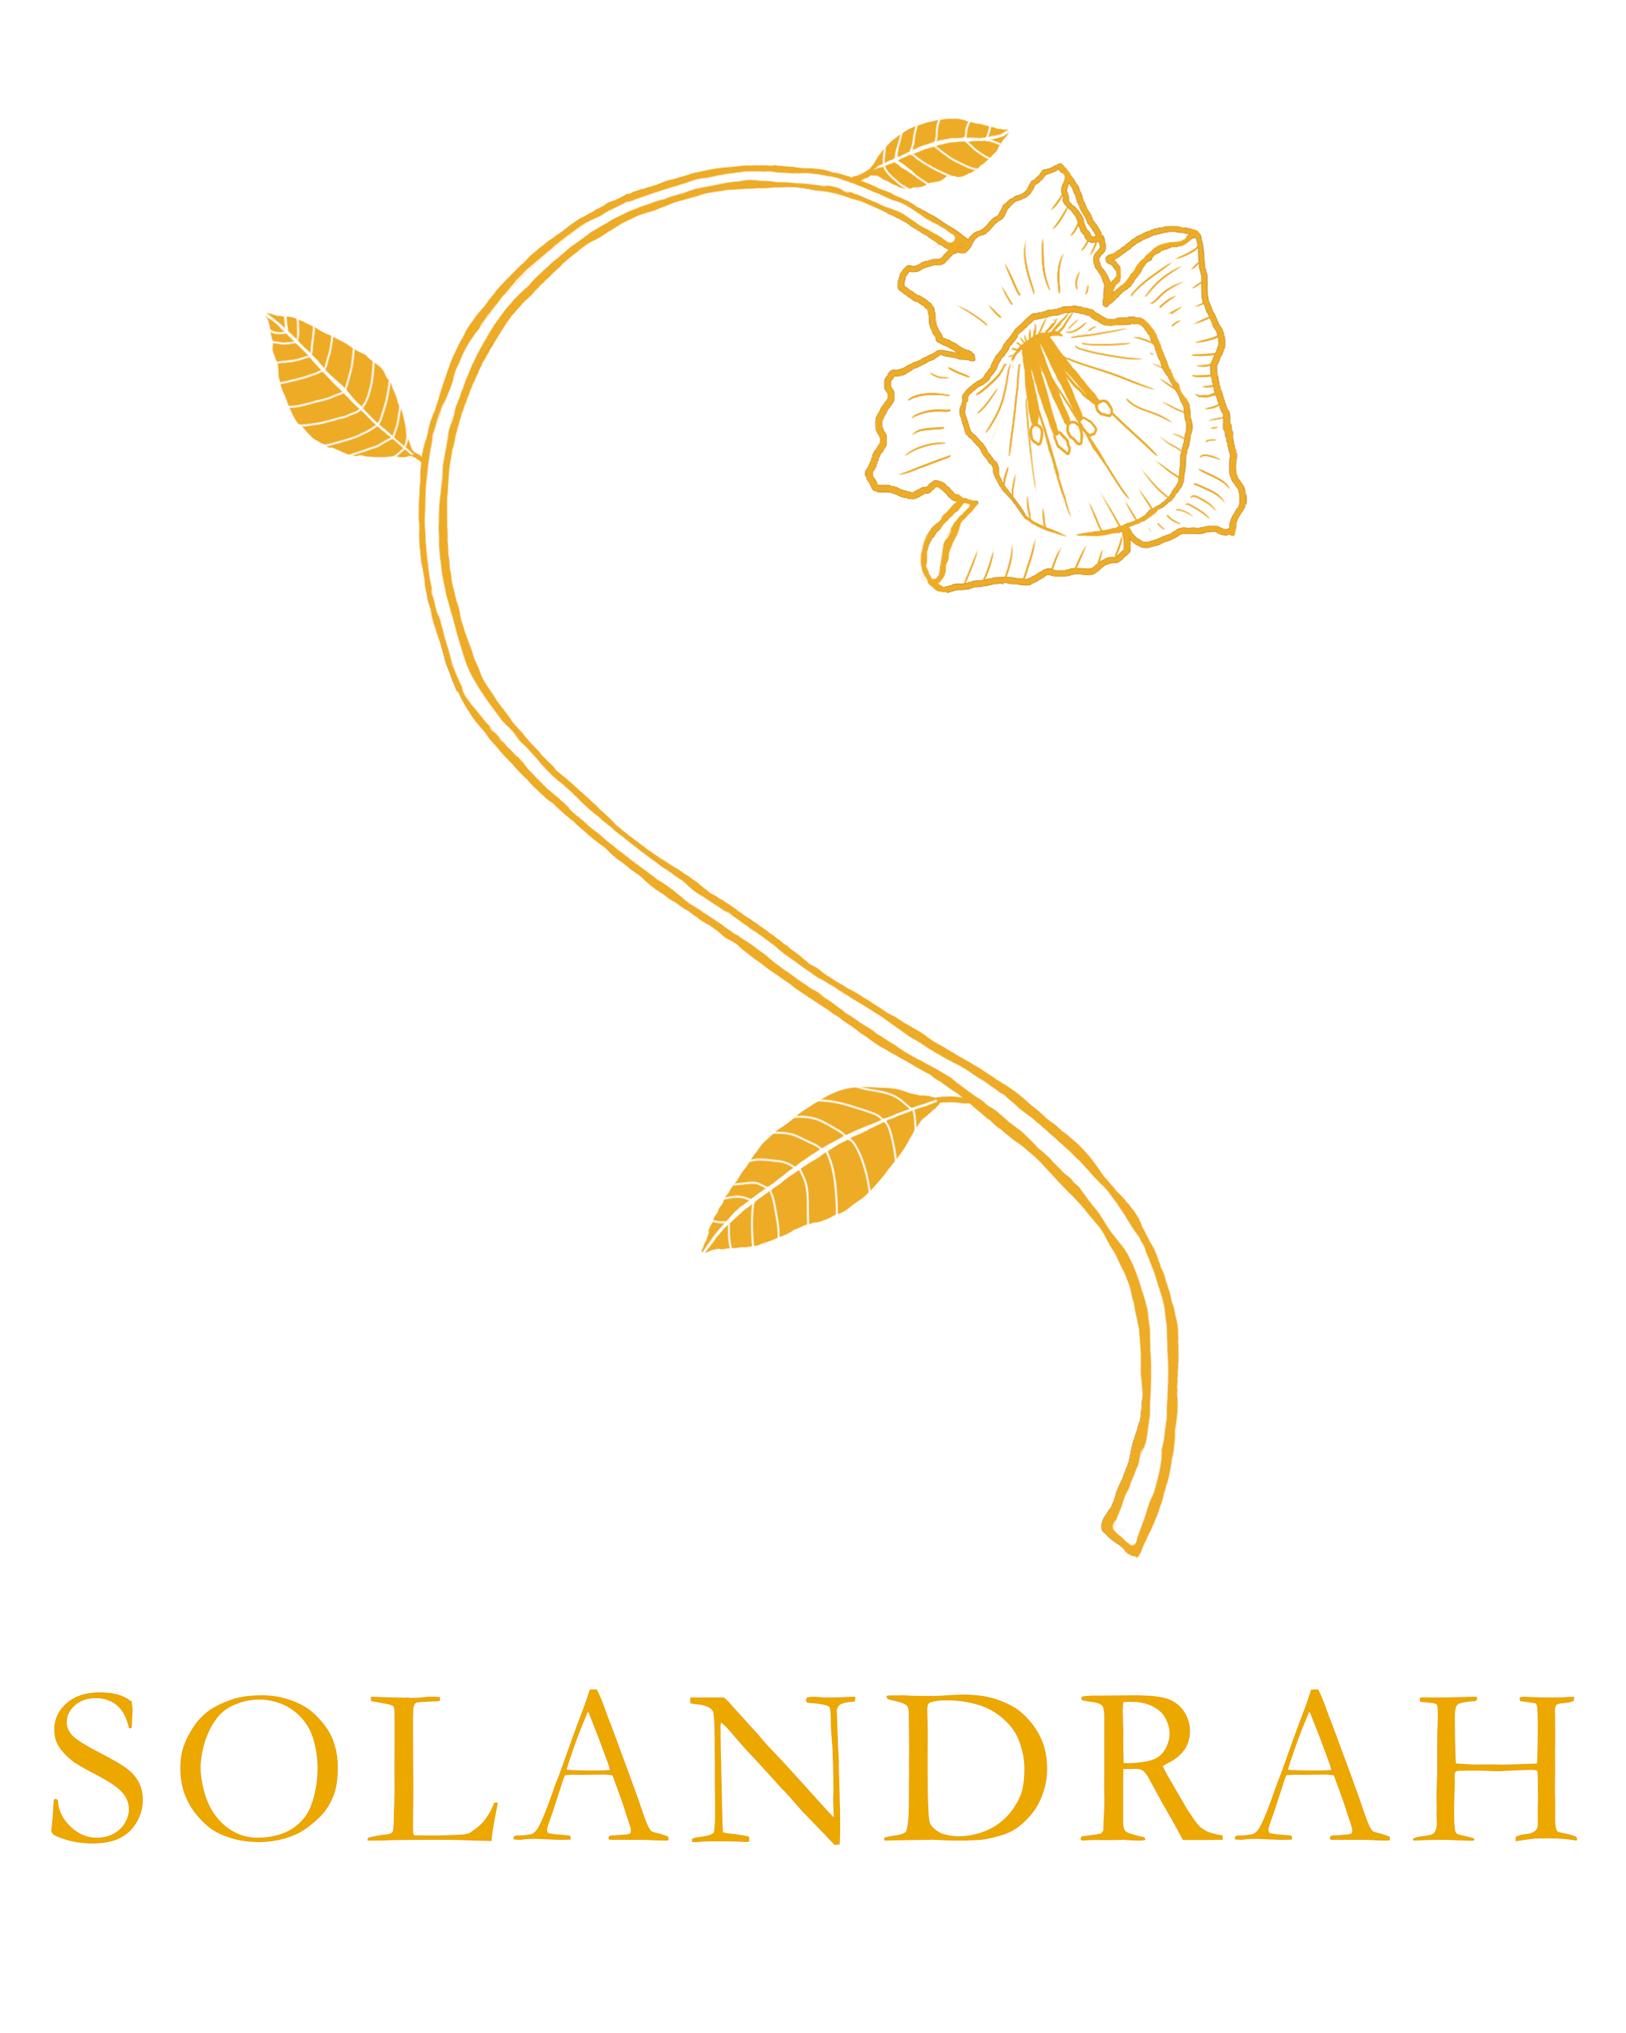 Solandrah-logo-design-flower.png